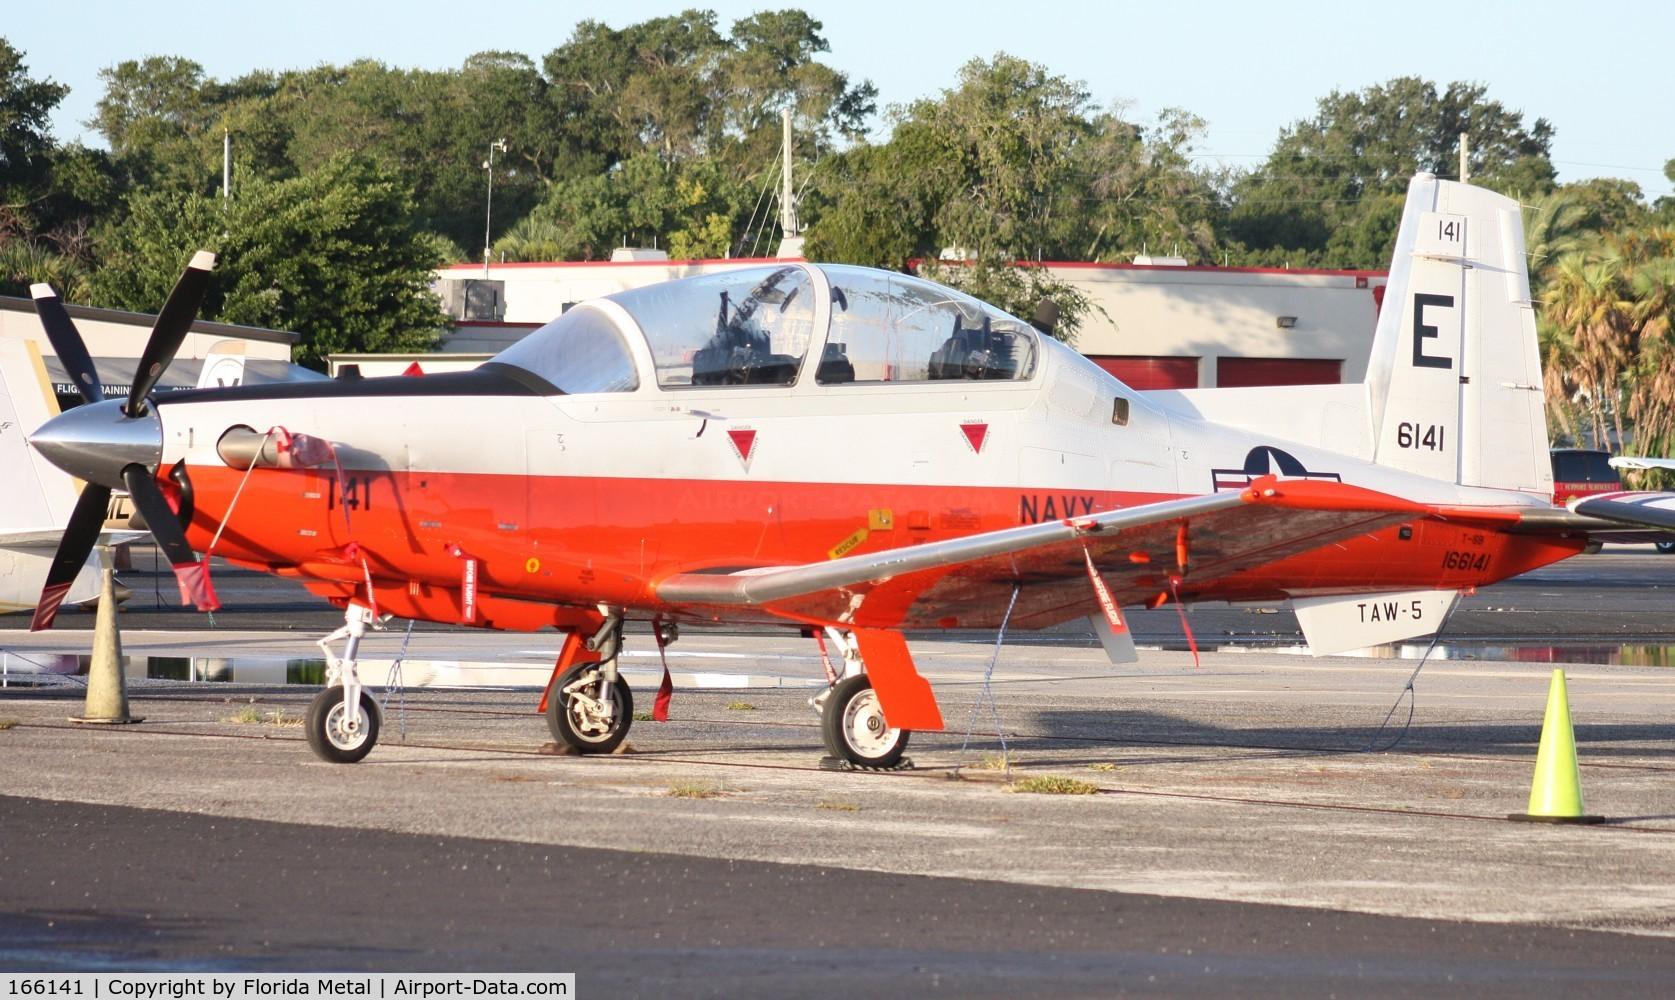 166141, Raytheon T-6B Texan II C/N PN-132, T-6B Texan II